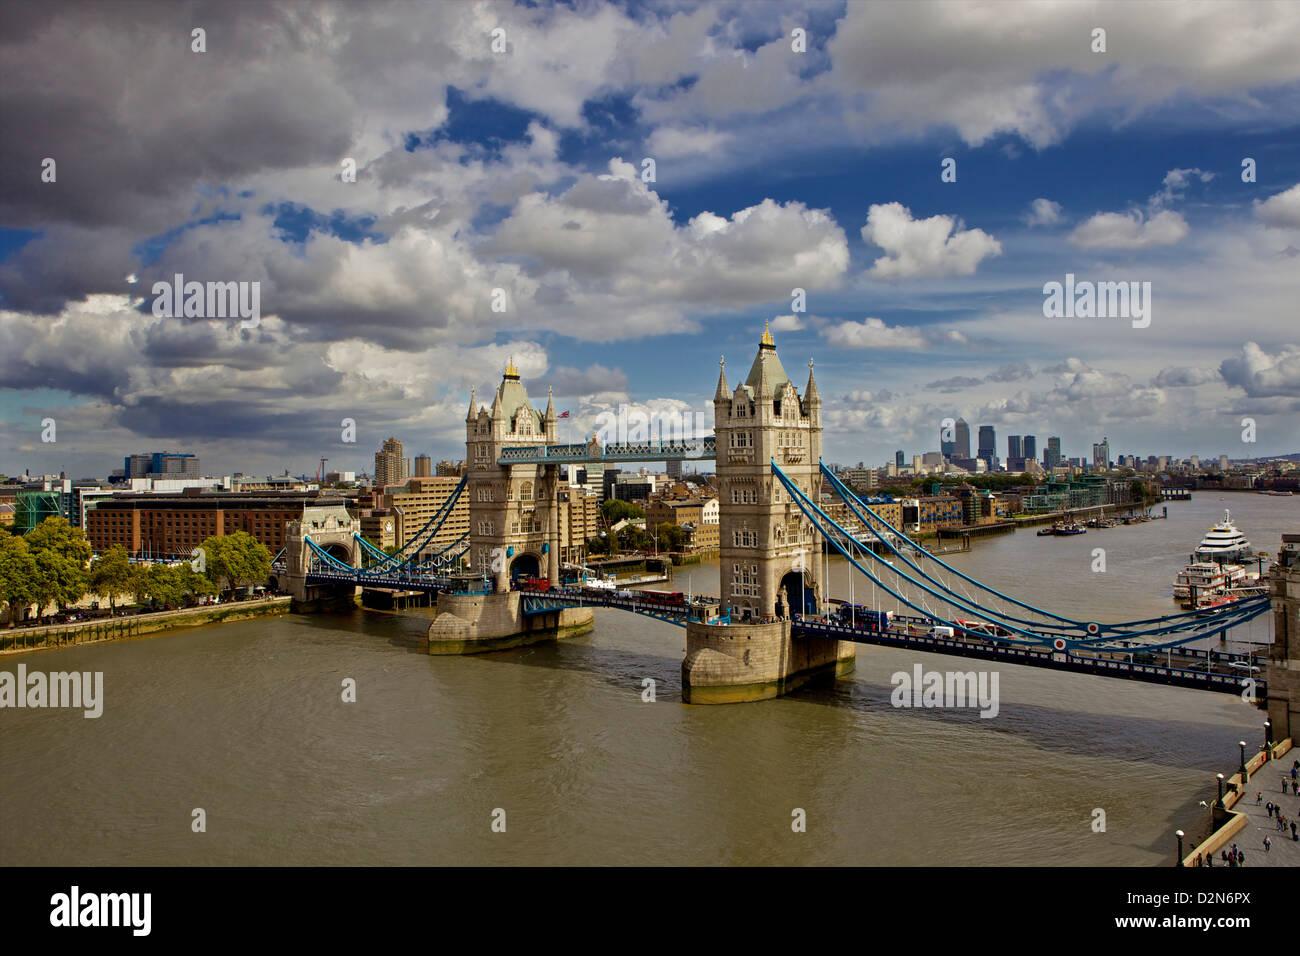 Tower Bridge London, England, United Kingdom, Europe - Stock Image